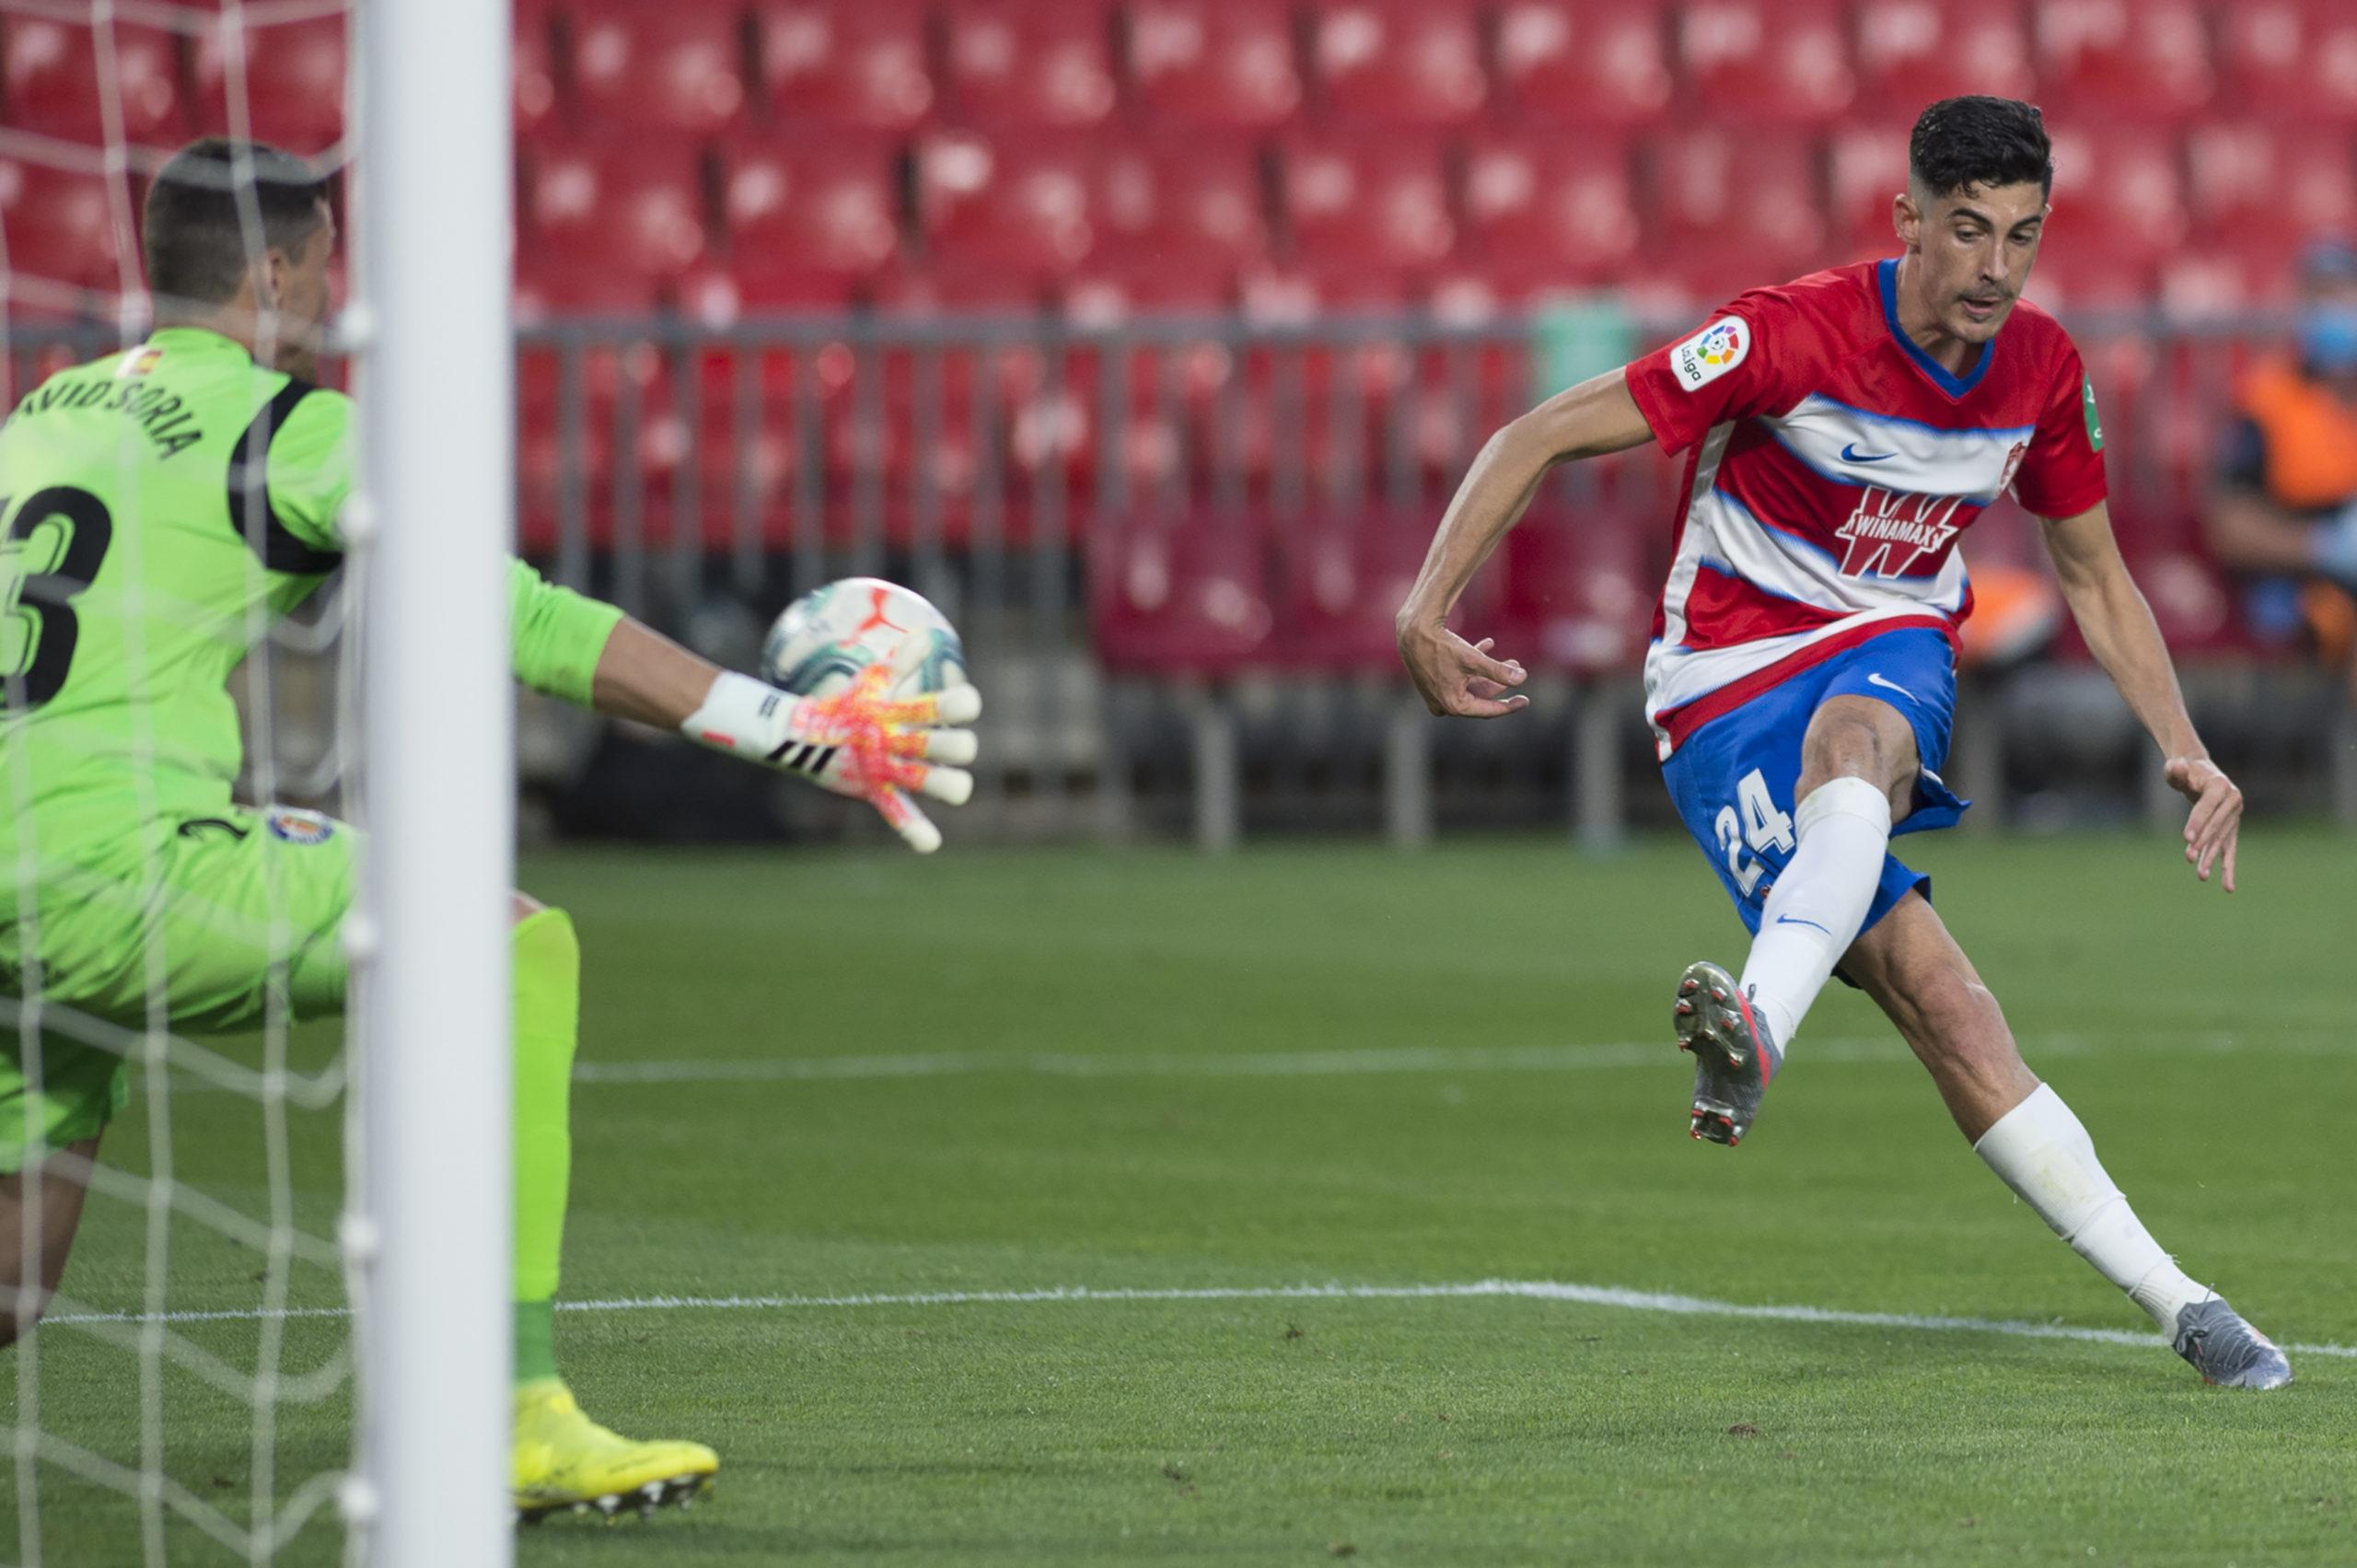 Talento dell'Anno La Liga 2019-20 – Doppio Fernandez, stavolta è Carlos!